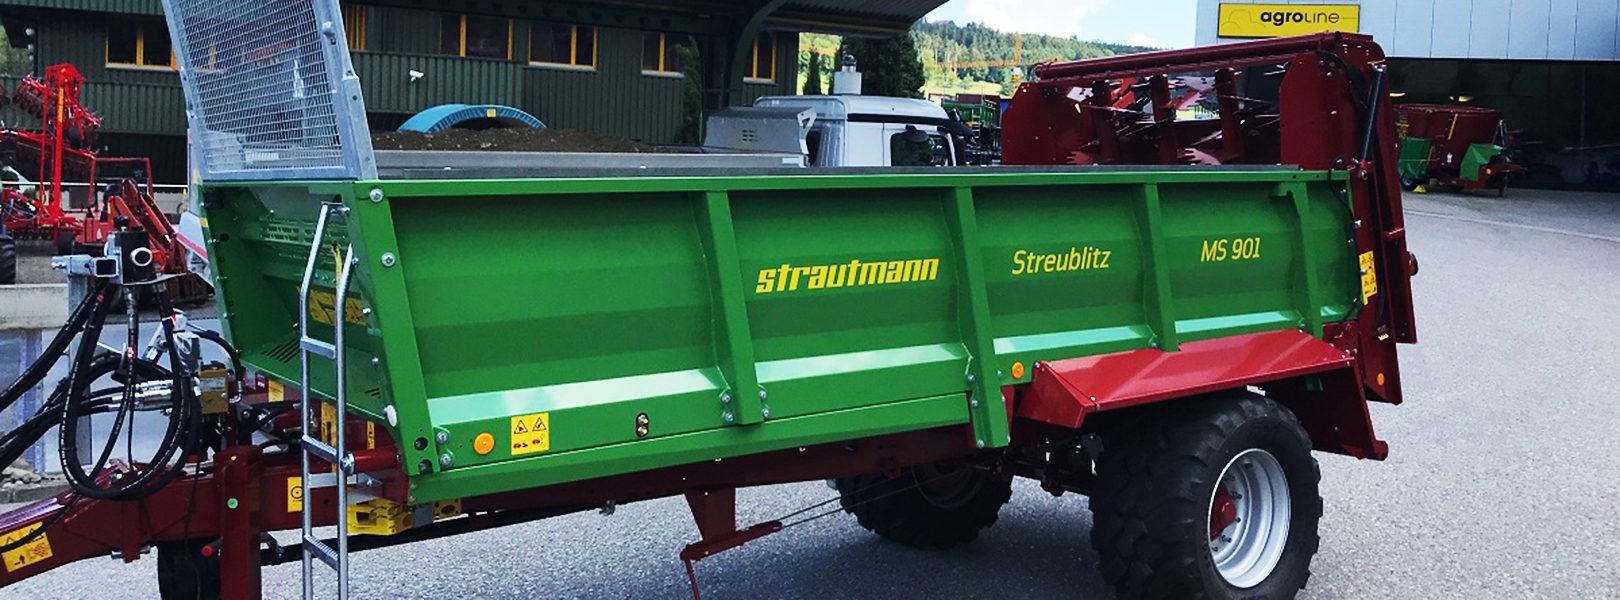 strautmann-streublitz